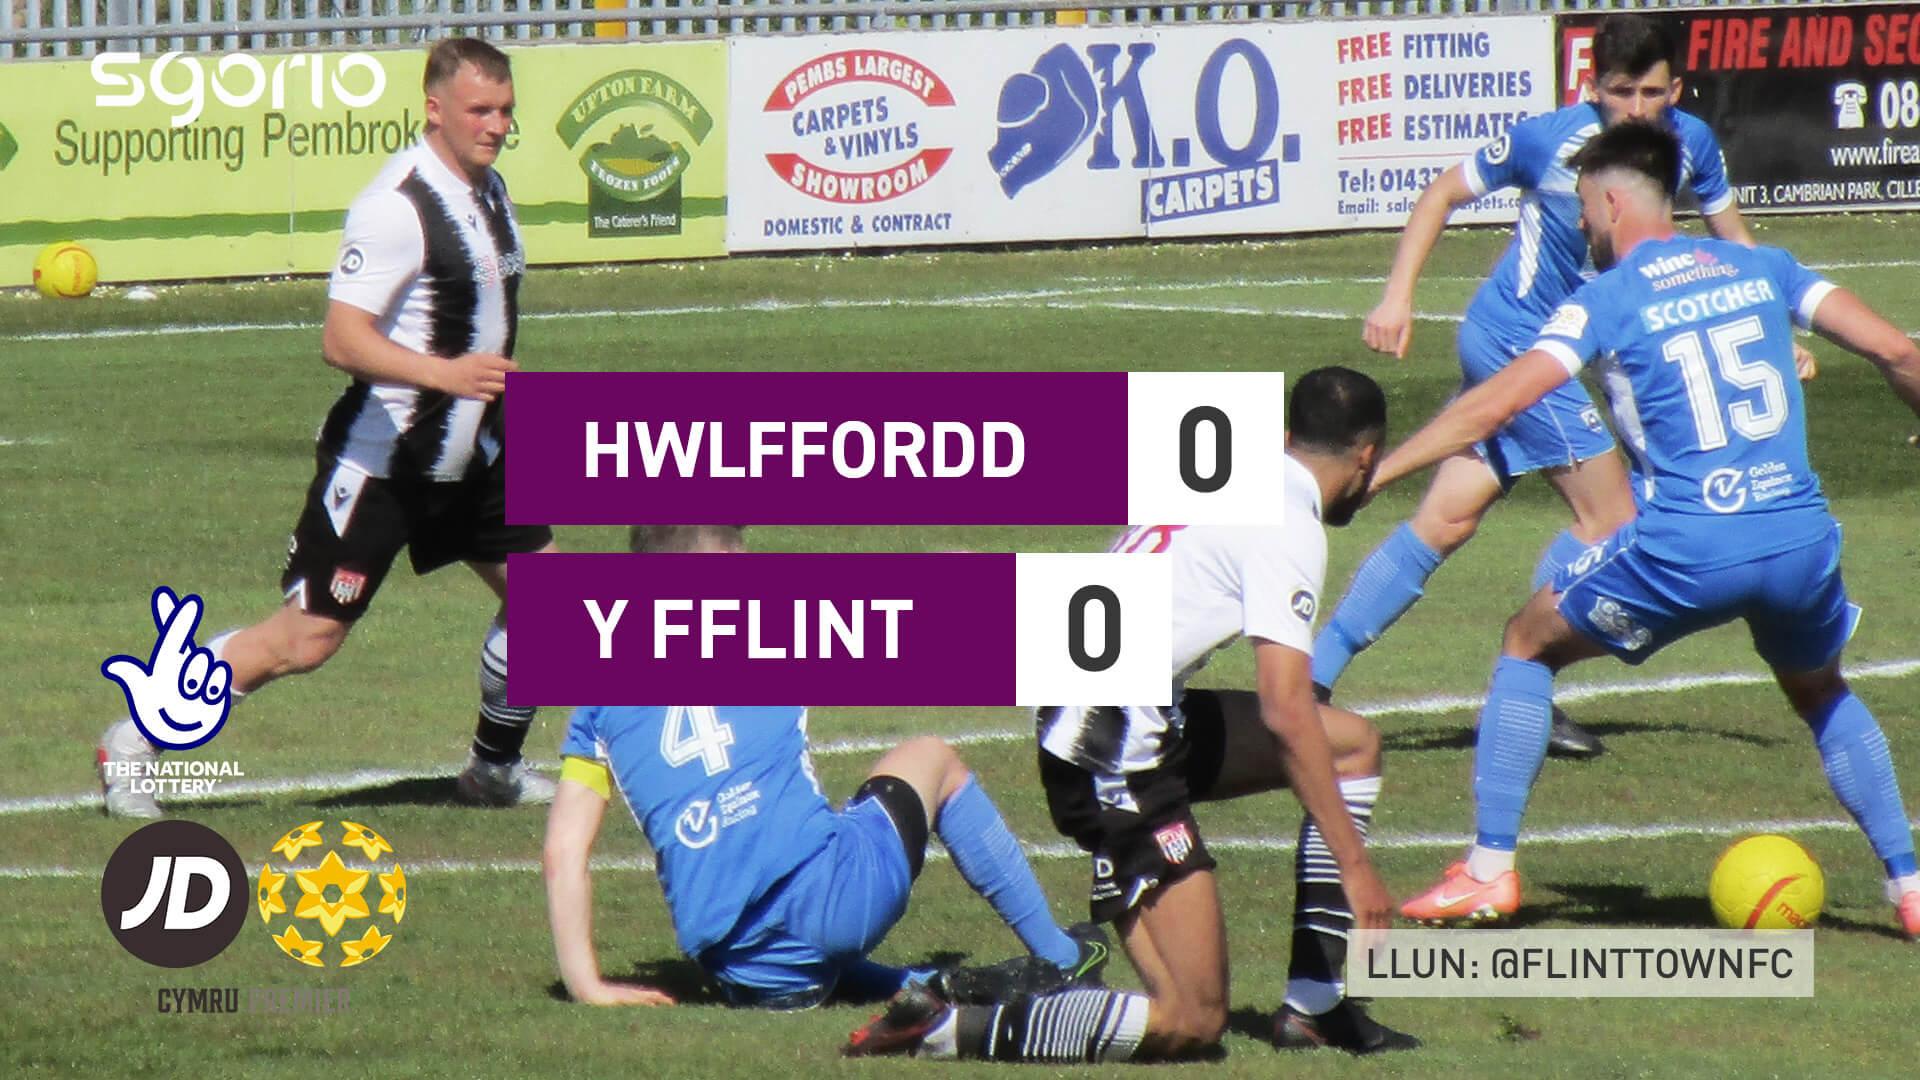 Hwlffordd 0-0 Y Fflint